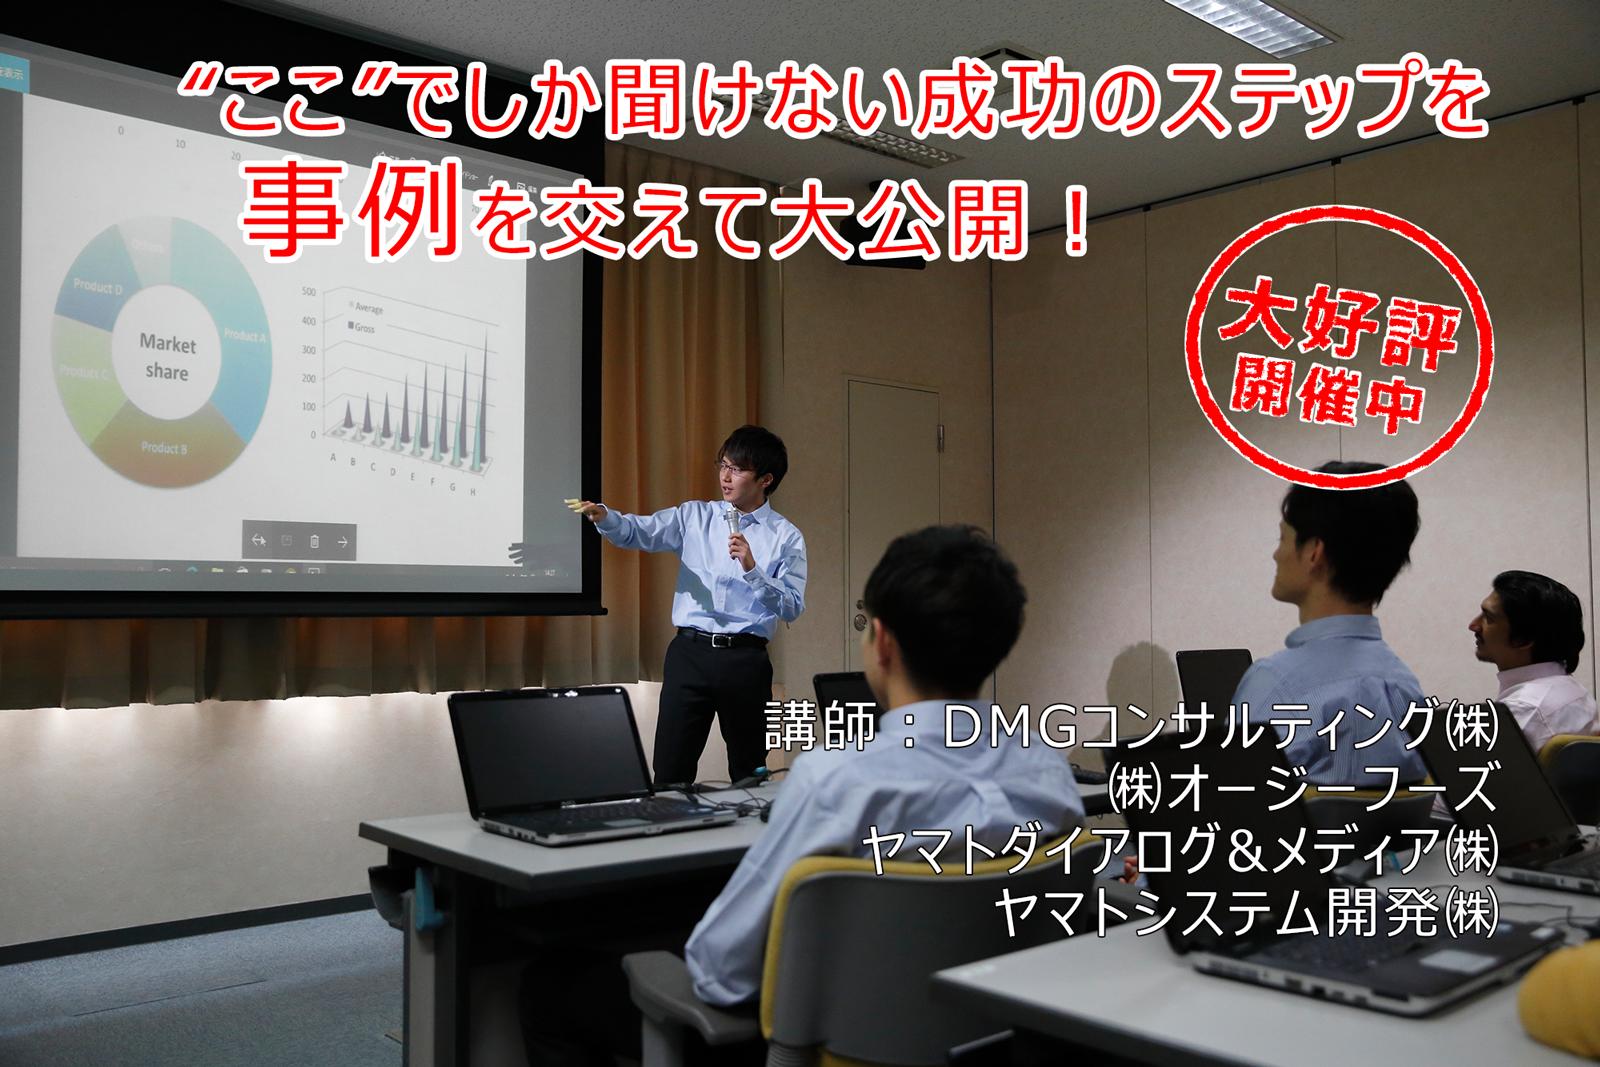 メーカー通販の最新動向と成功のポイントセミナー in 東京